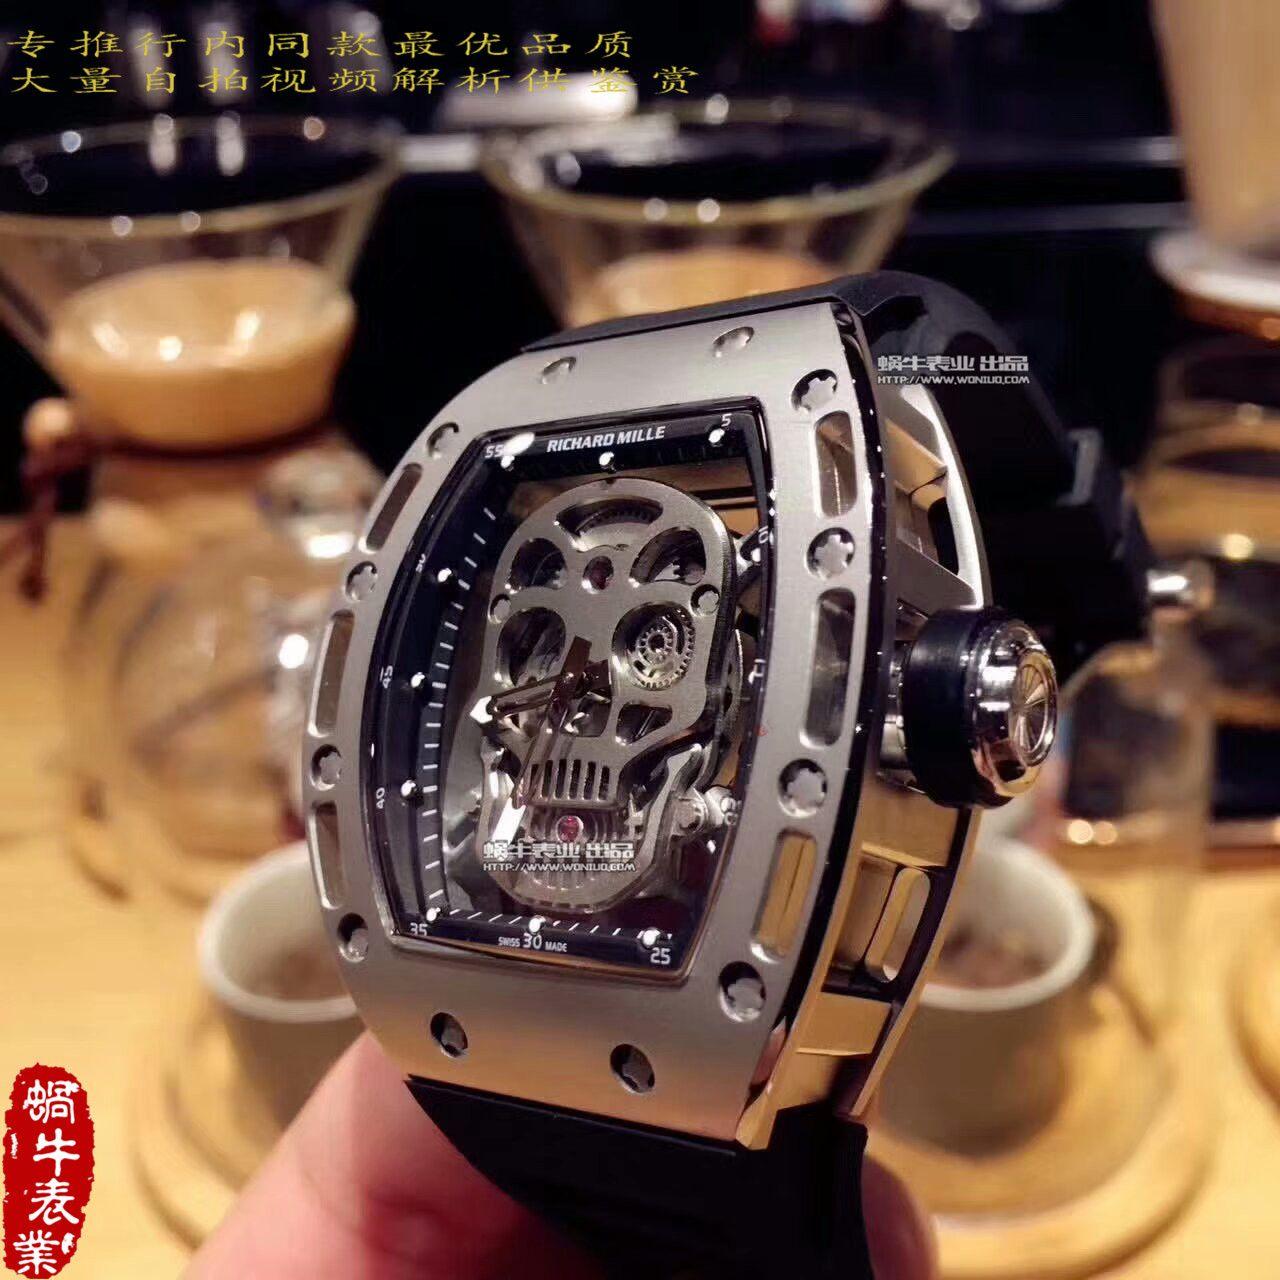 【KV一比一超A高仿手表】理查德.米勒男士系列RM 052银色骷髅头腕表 / RM 052B